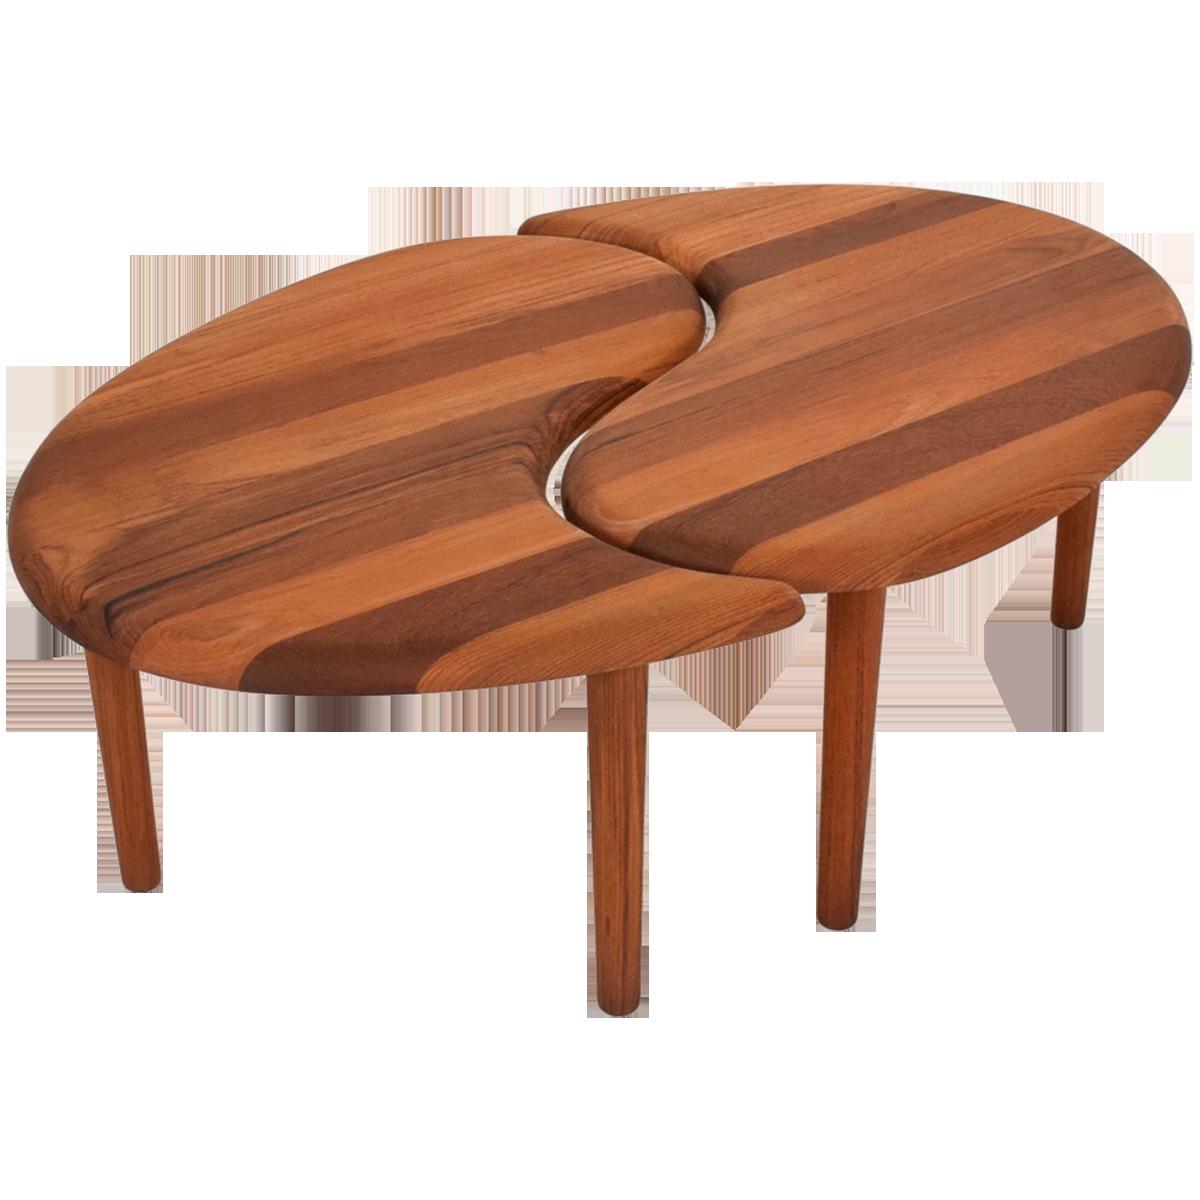 1960s scandinavian teak coffee table teak coffee table teak and 1960s scandinavian teak coffee table geotapseo Images